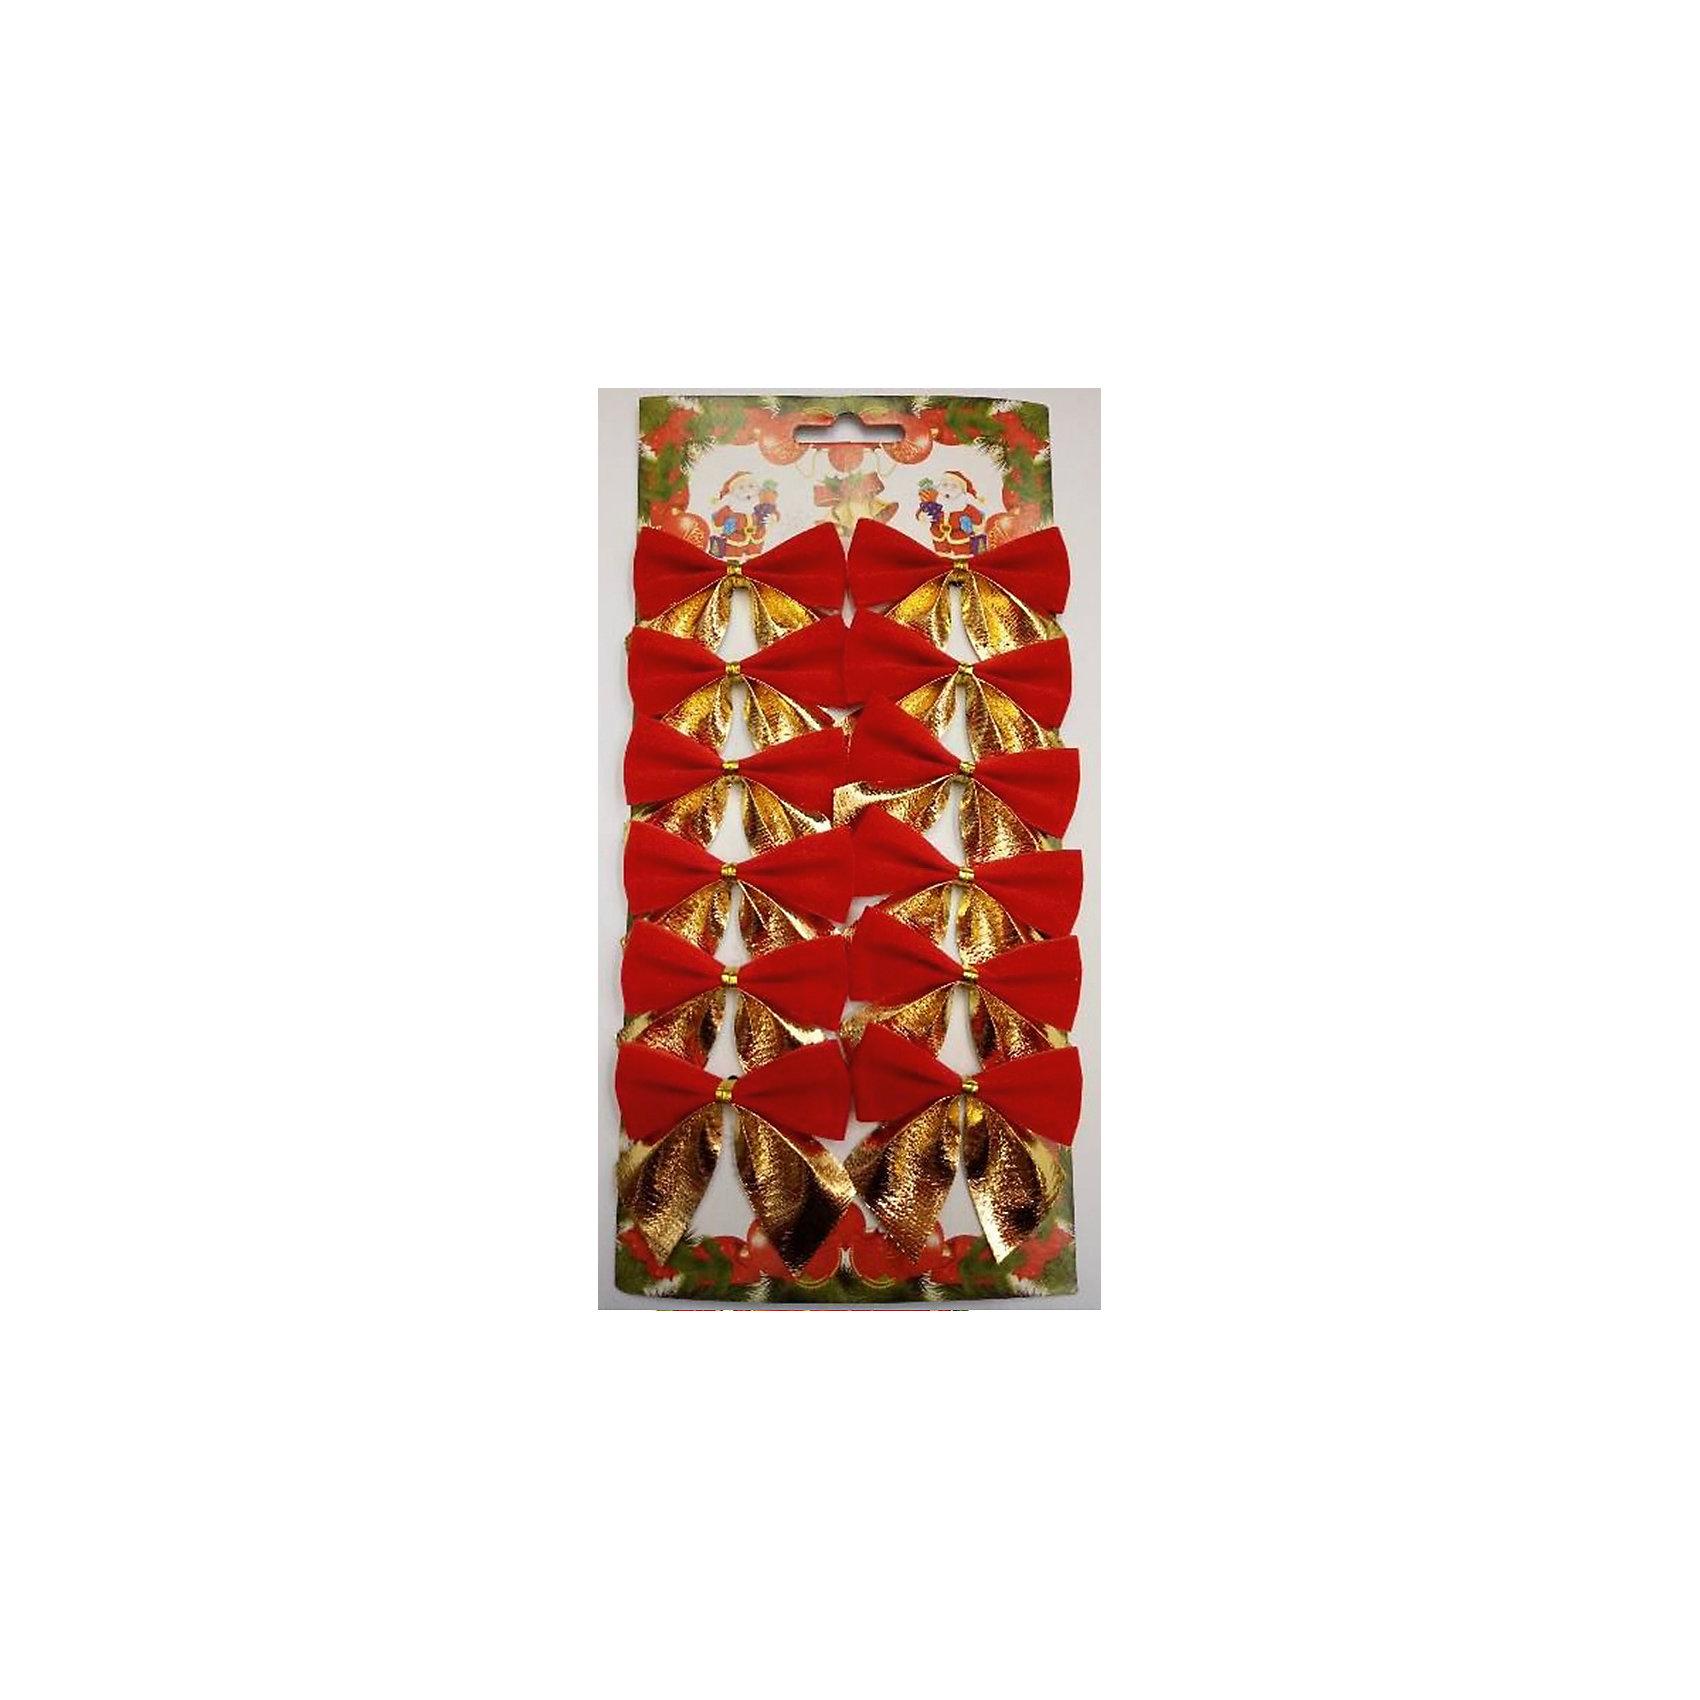 Новогоднее украшение Бант (красный с золотом)Всё для праздника<br>Украшение новогоднее БАНТ Красные с золотом арт.42766 / 5х5<br><br>Ширина мм: 130<br>Глубина мм: 280<br>Высота мм: 5<br>Вес г: 23<br>Возраст от месяцев: 60<br>Возраст до месяцев: 600<br>Пол: Унисекс<br>Возраст: Детский<br>SKU: 5144588